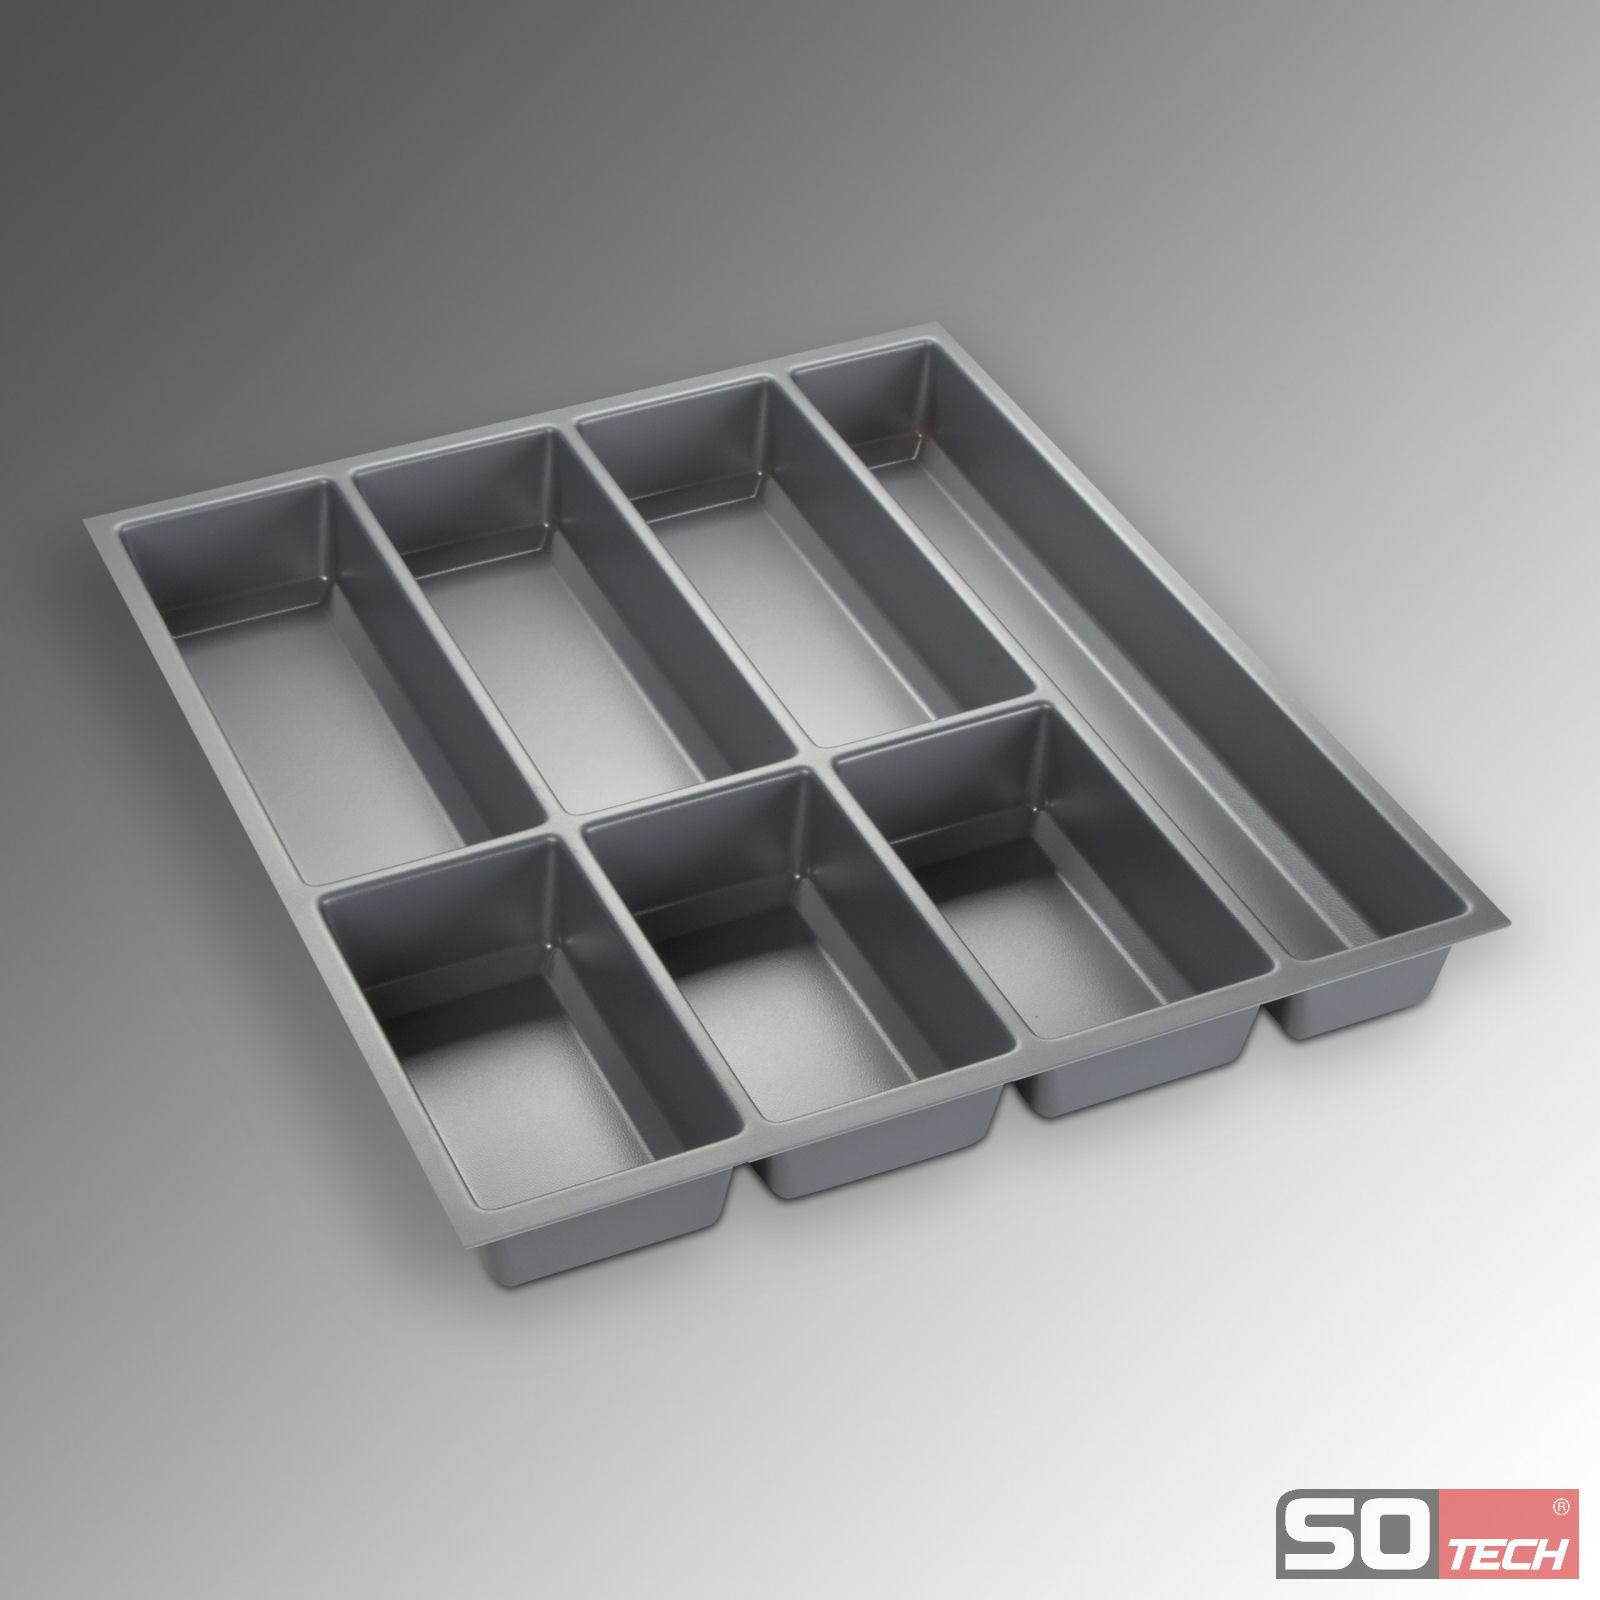 Orga box iii besteckeinsatz 50 cm schubladeneinsatz u a for Nobilia schubladeneinsatz